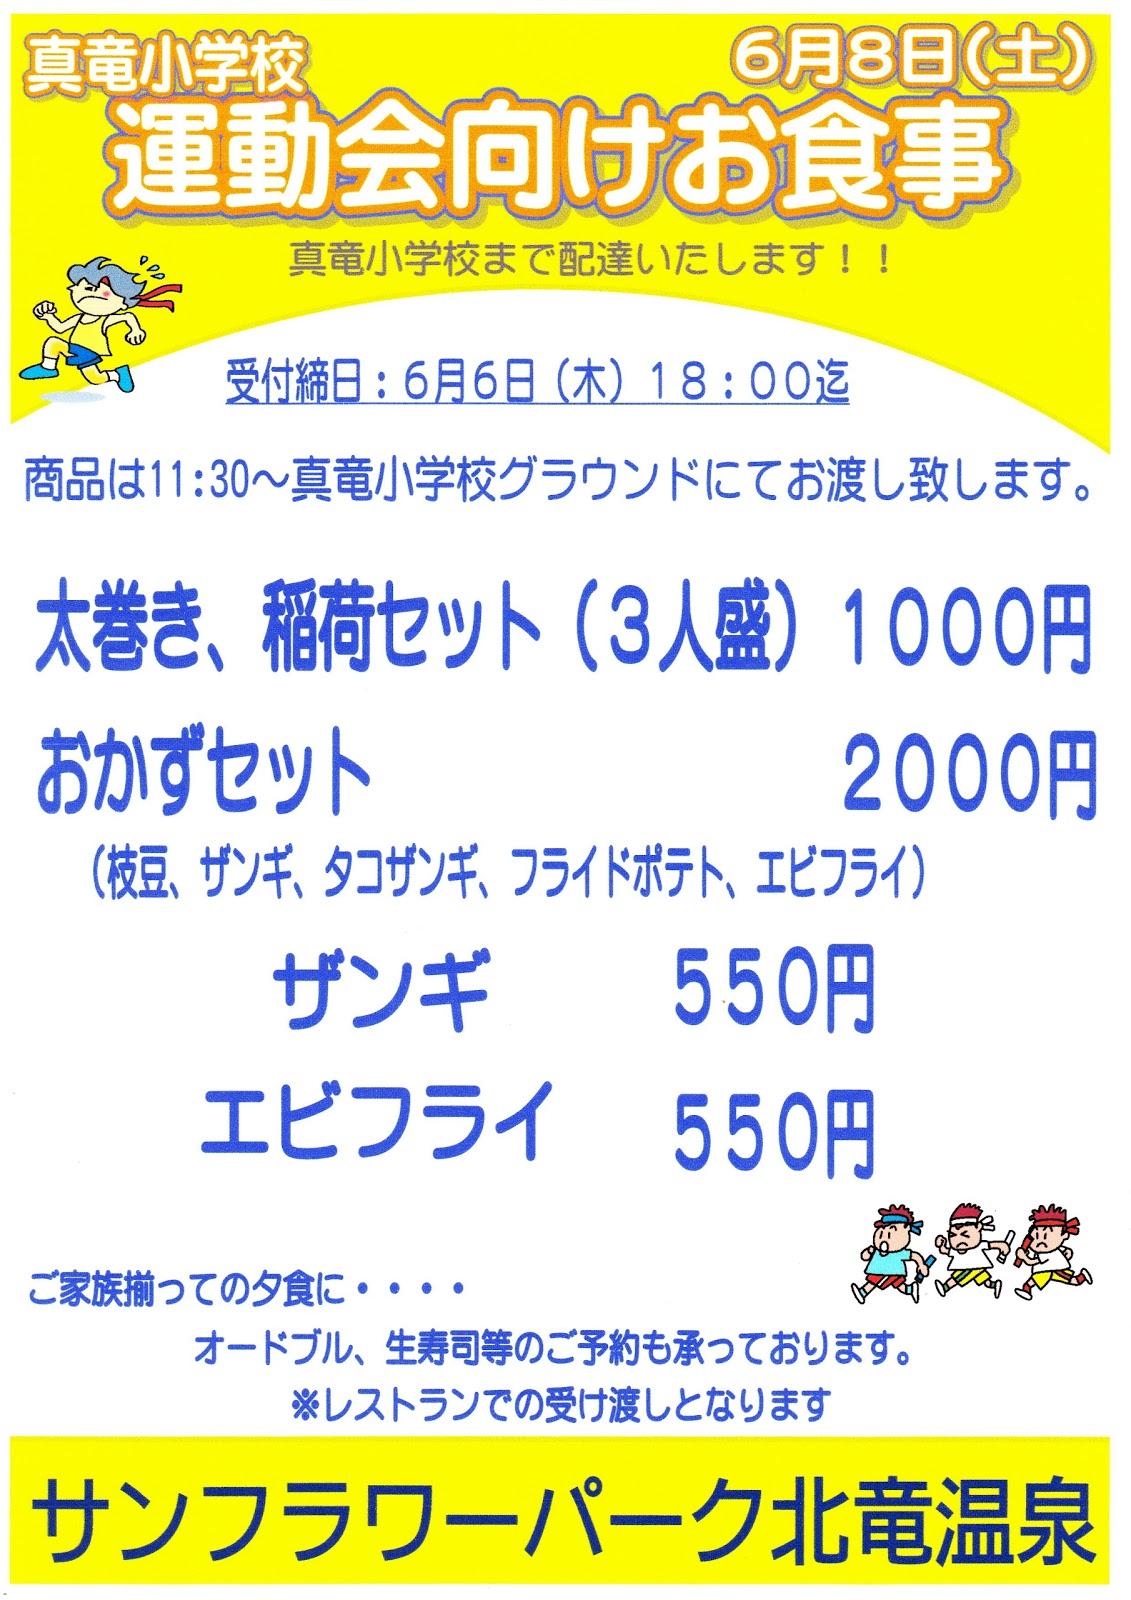 真竜小学校運動会向けお食事 6月8日(土)